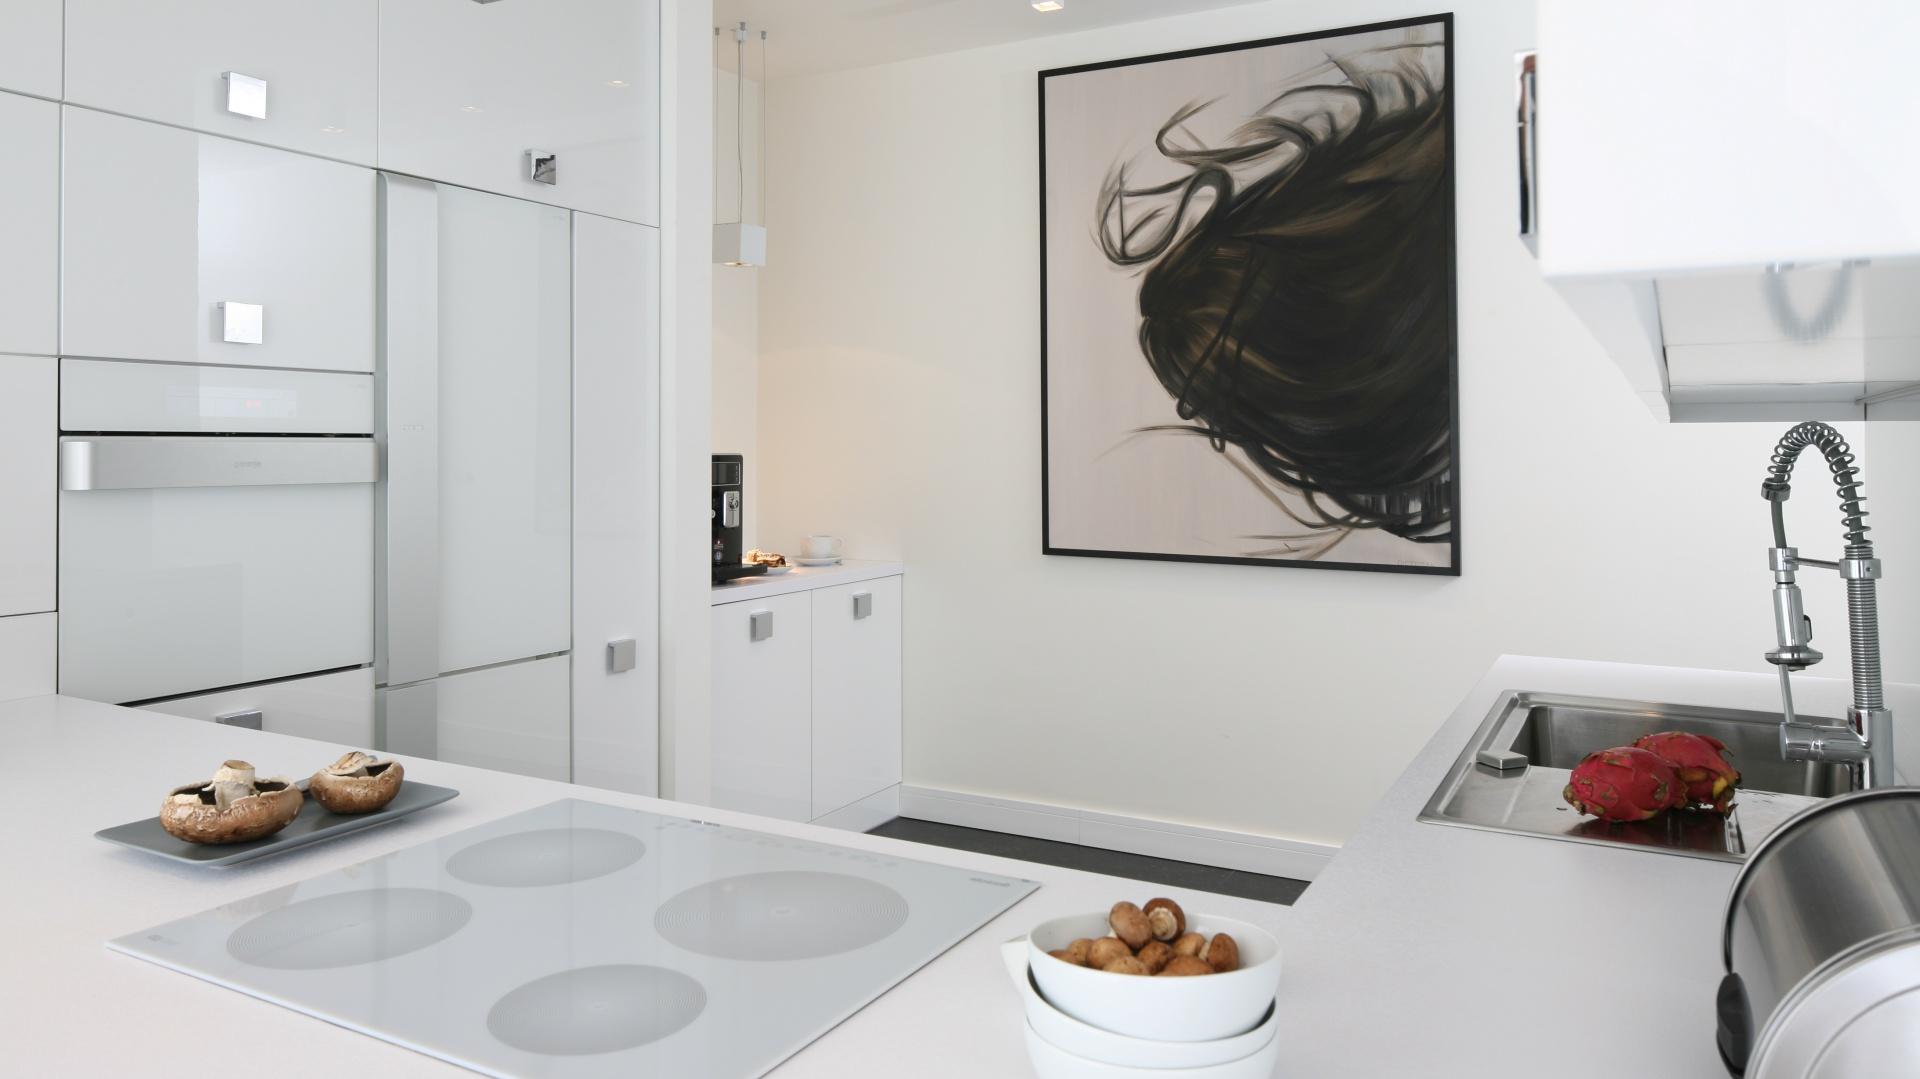 Kuchnia W Bieli Najpiękniejsze Aranżacje Z Polskich Domów